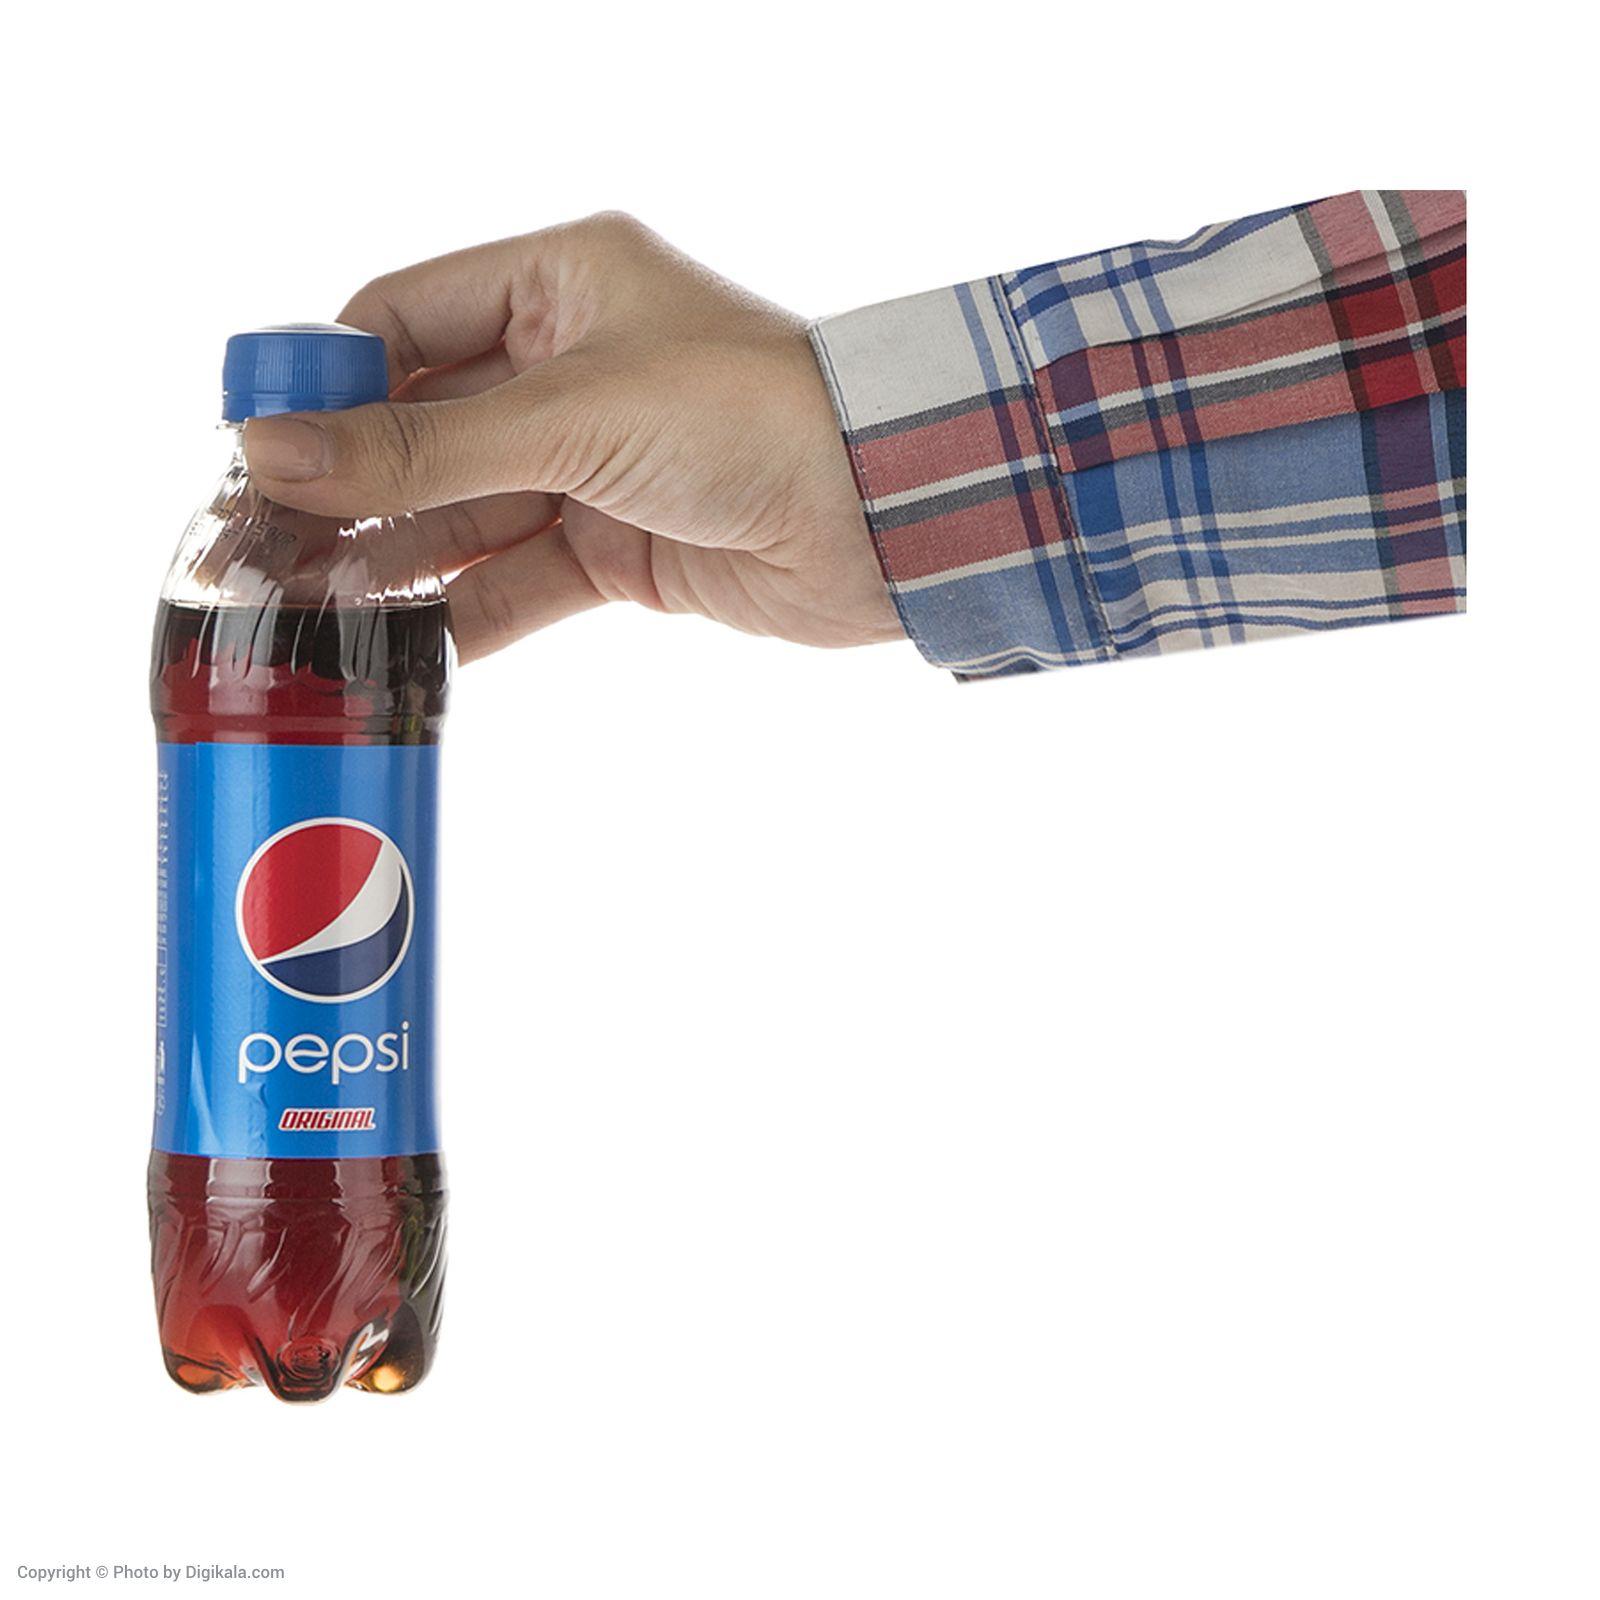 نوشابه گازدار پپسی با طعم کولا - 300 میلی لیتر بسته 24 عددی main 1 4